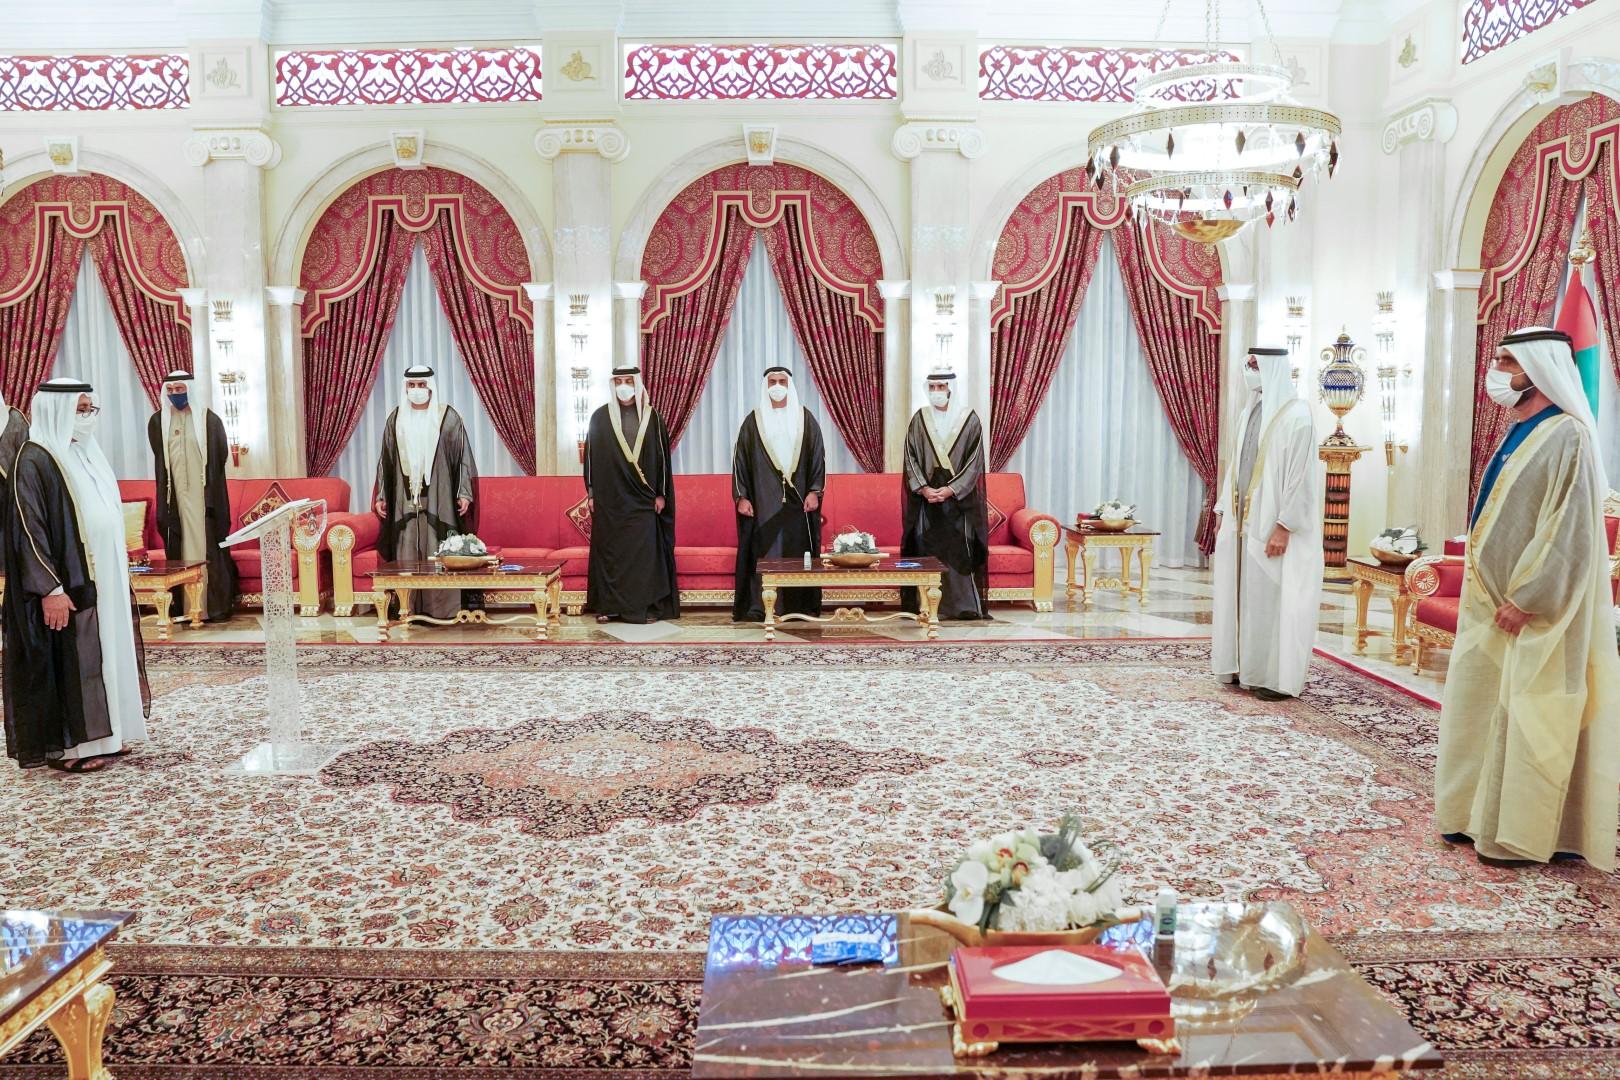 محمد بن راشد ومحمد بن زايد يشهدان أداء اليمين الدستورية لشخبوط بن نهيان وخليفة المرر وزيري دولة في حكومة الإمارات